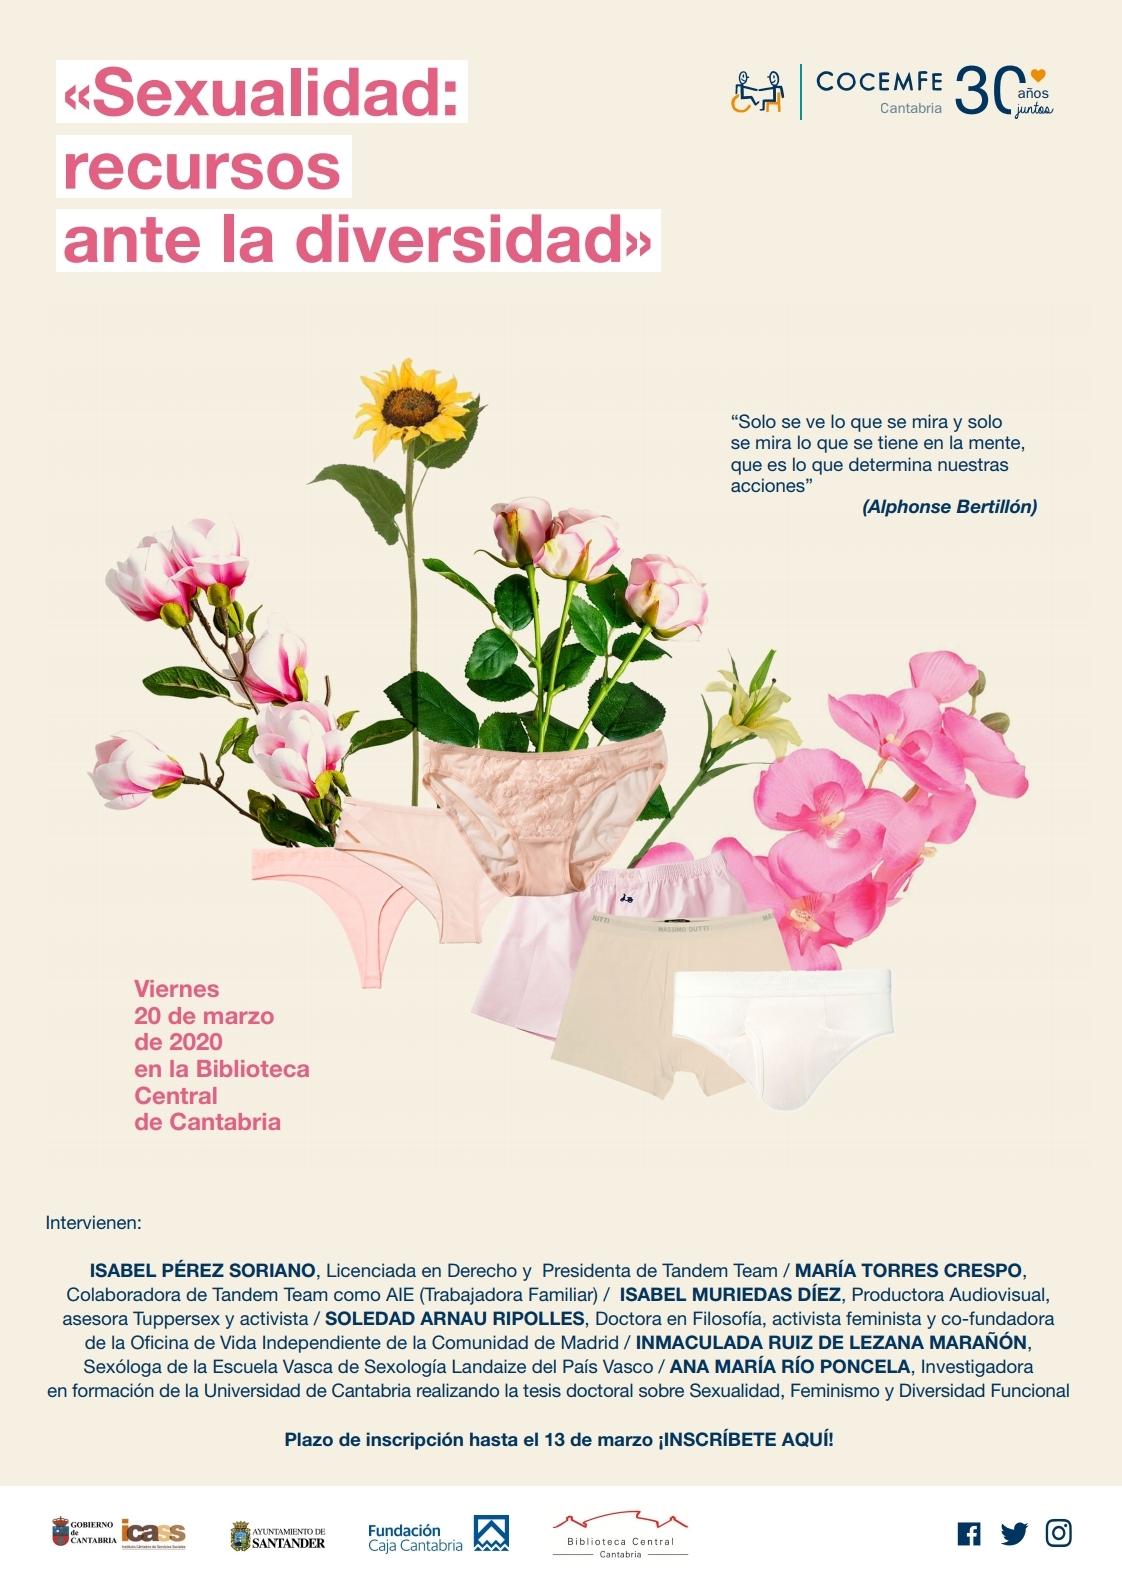 El grupo de trabajo de sexualidad de COCEMFE Cantabria sigue trabajando en la jornada Sexualidad: recursos ante la diversidad